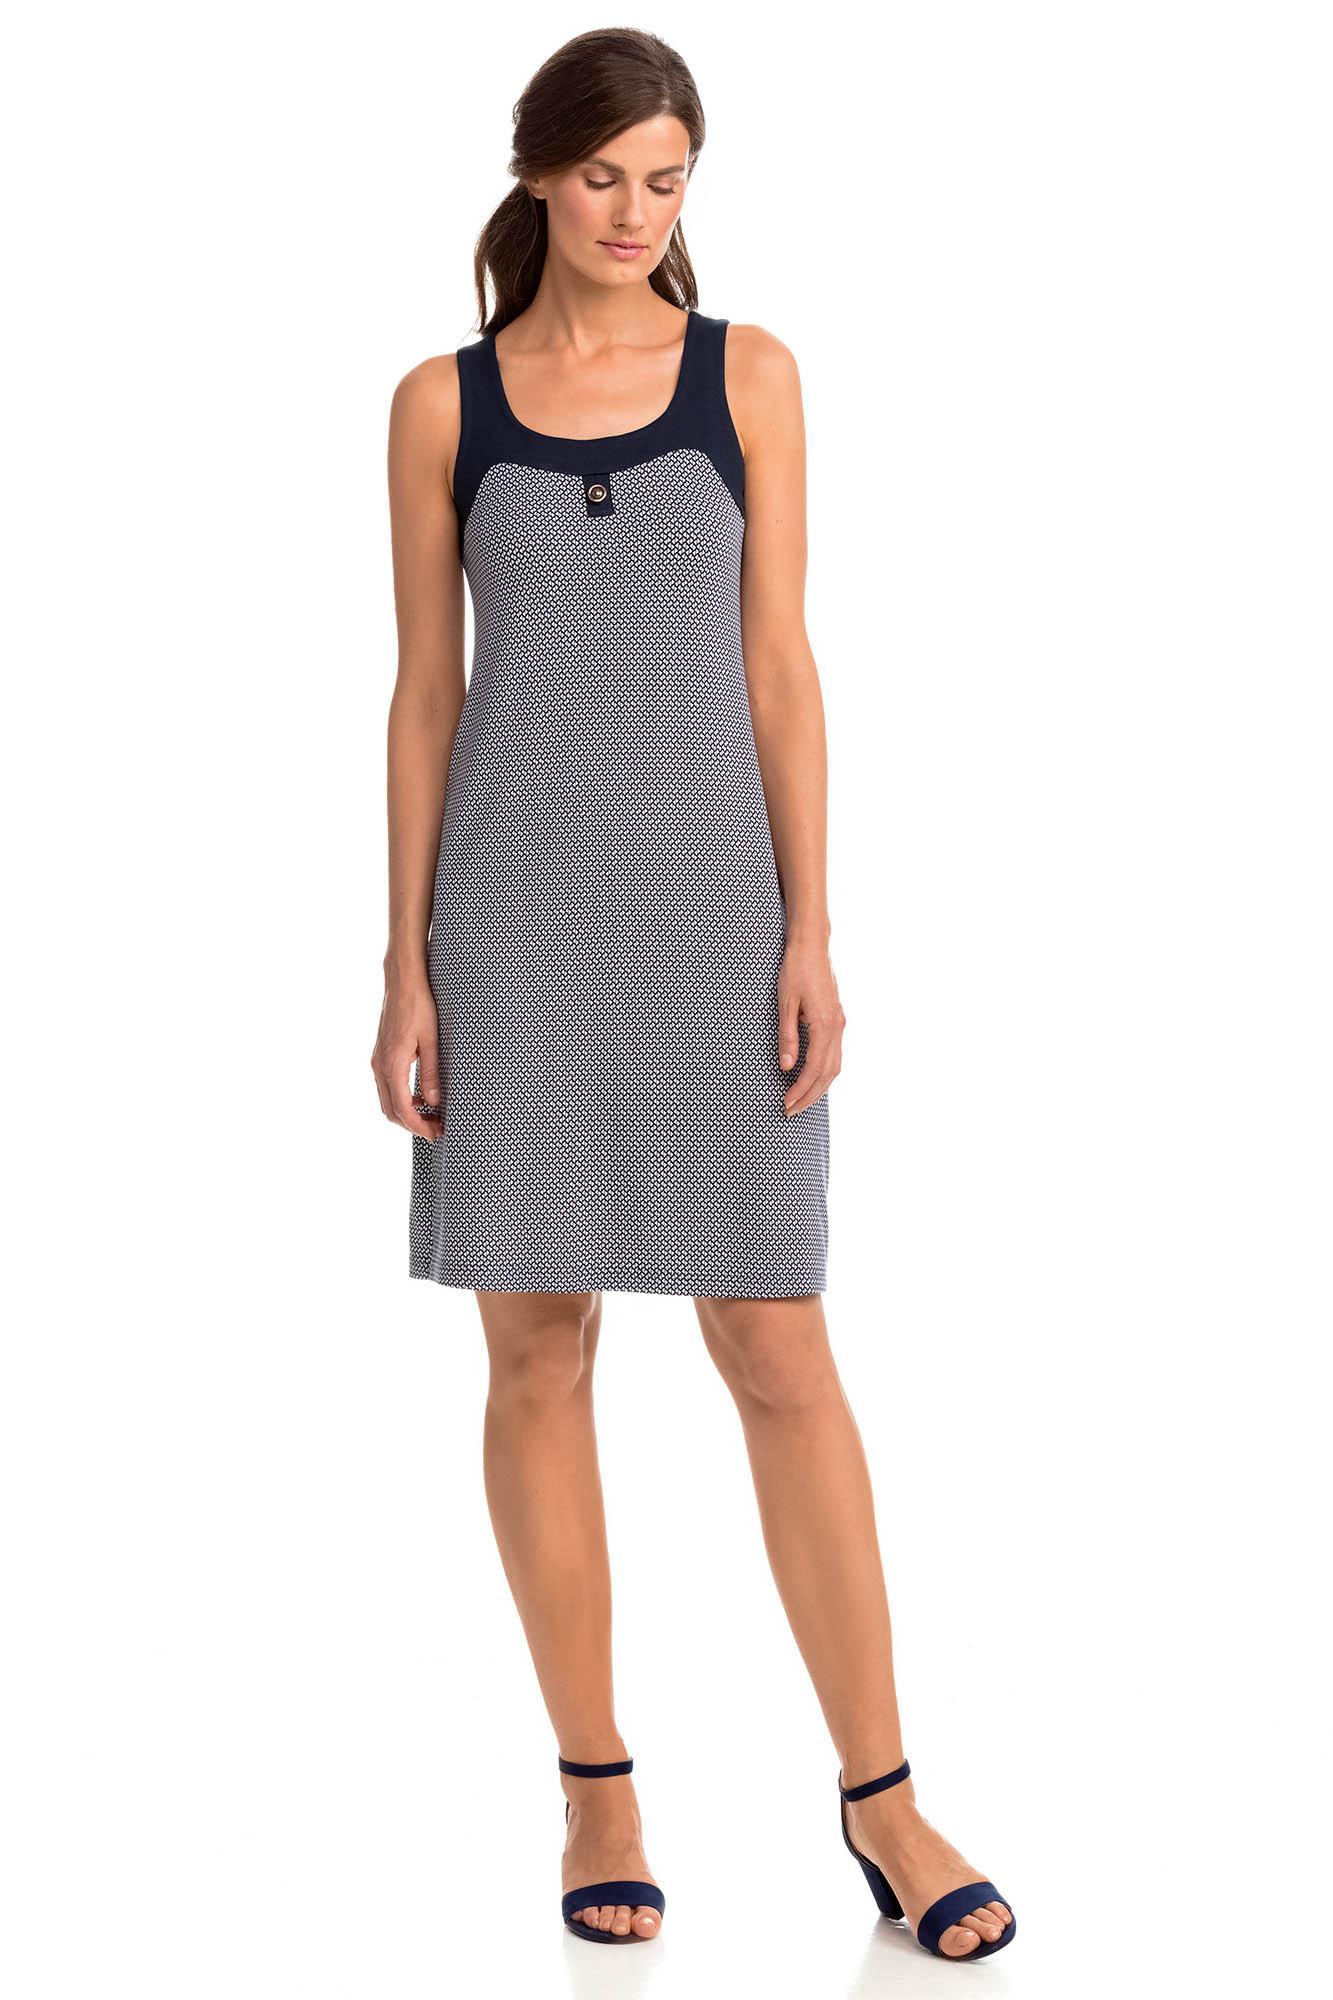 Vamp - Elegantní vzorované dámské šaty BLUE XL 14455 - Vamp